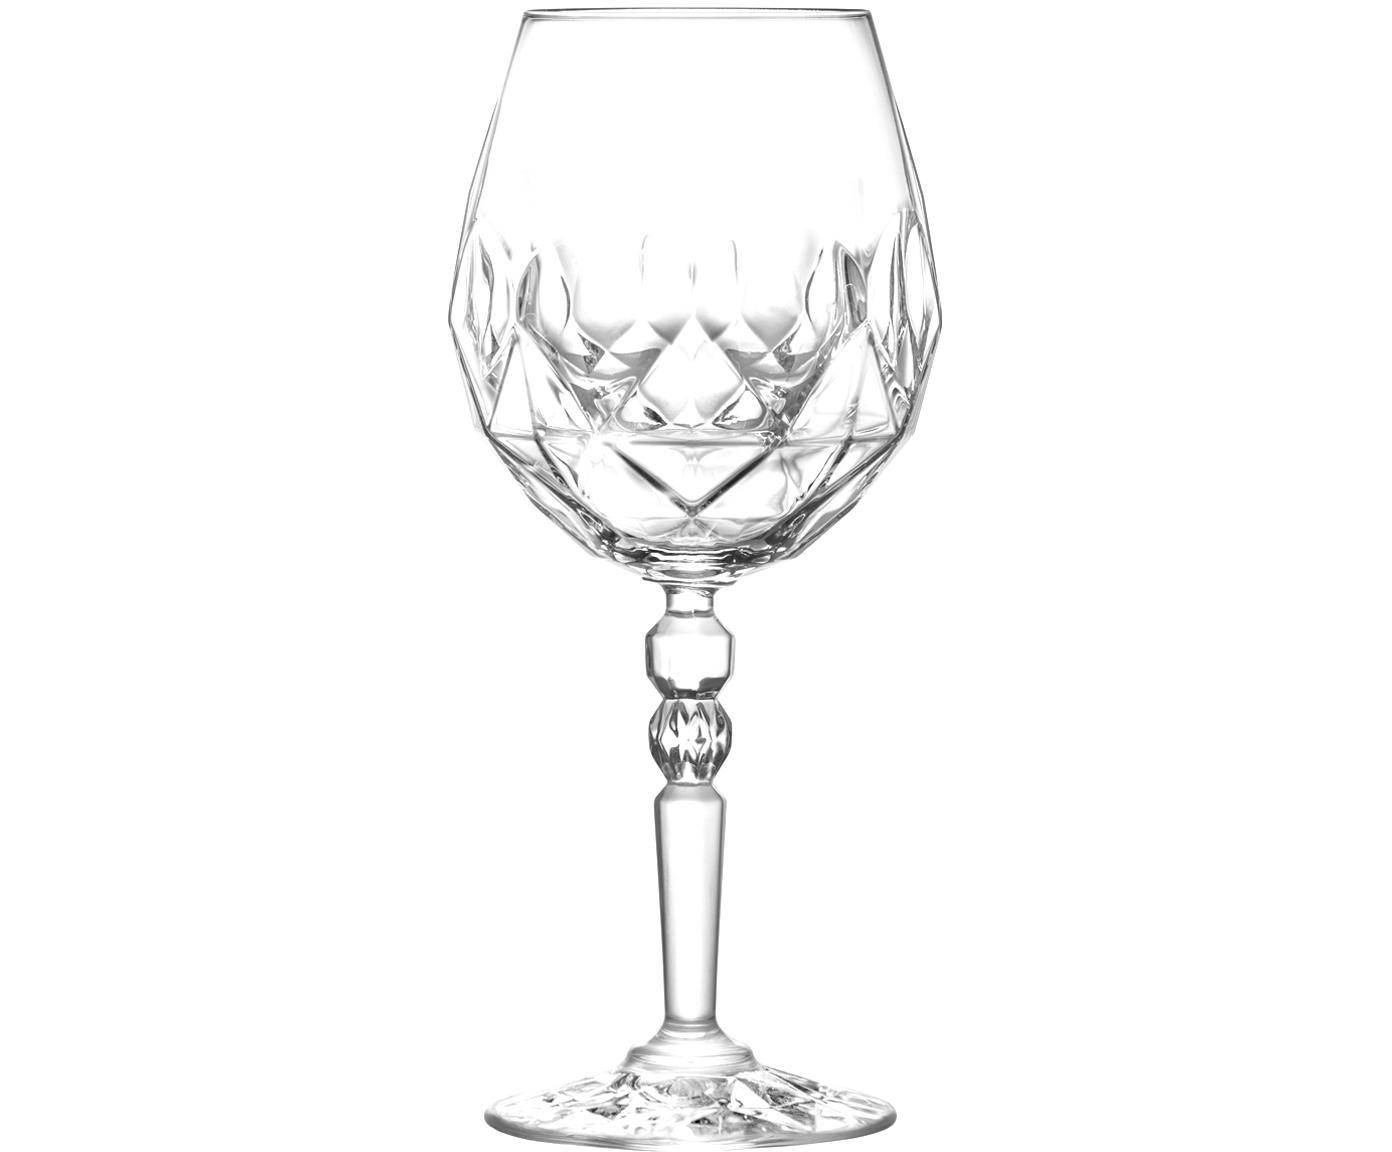 Kryształowy kieliszek do czerwonego wina Calicia, 6 szt., Szkło kryształowe, Transparentny, Ø 10 x W 23 cm